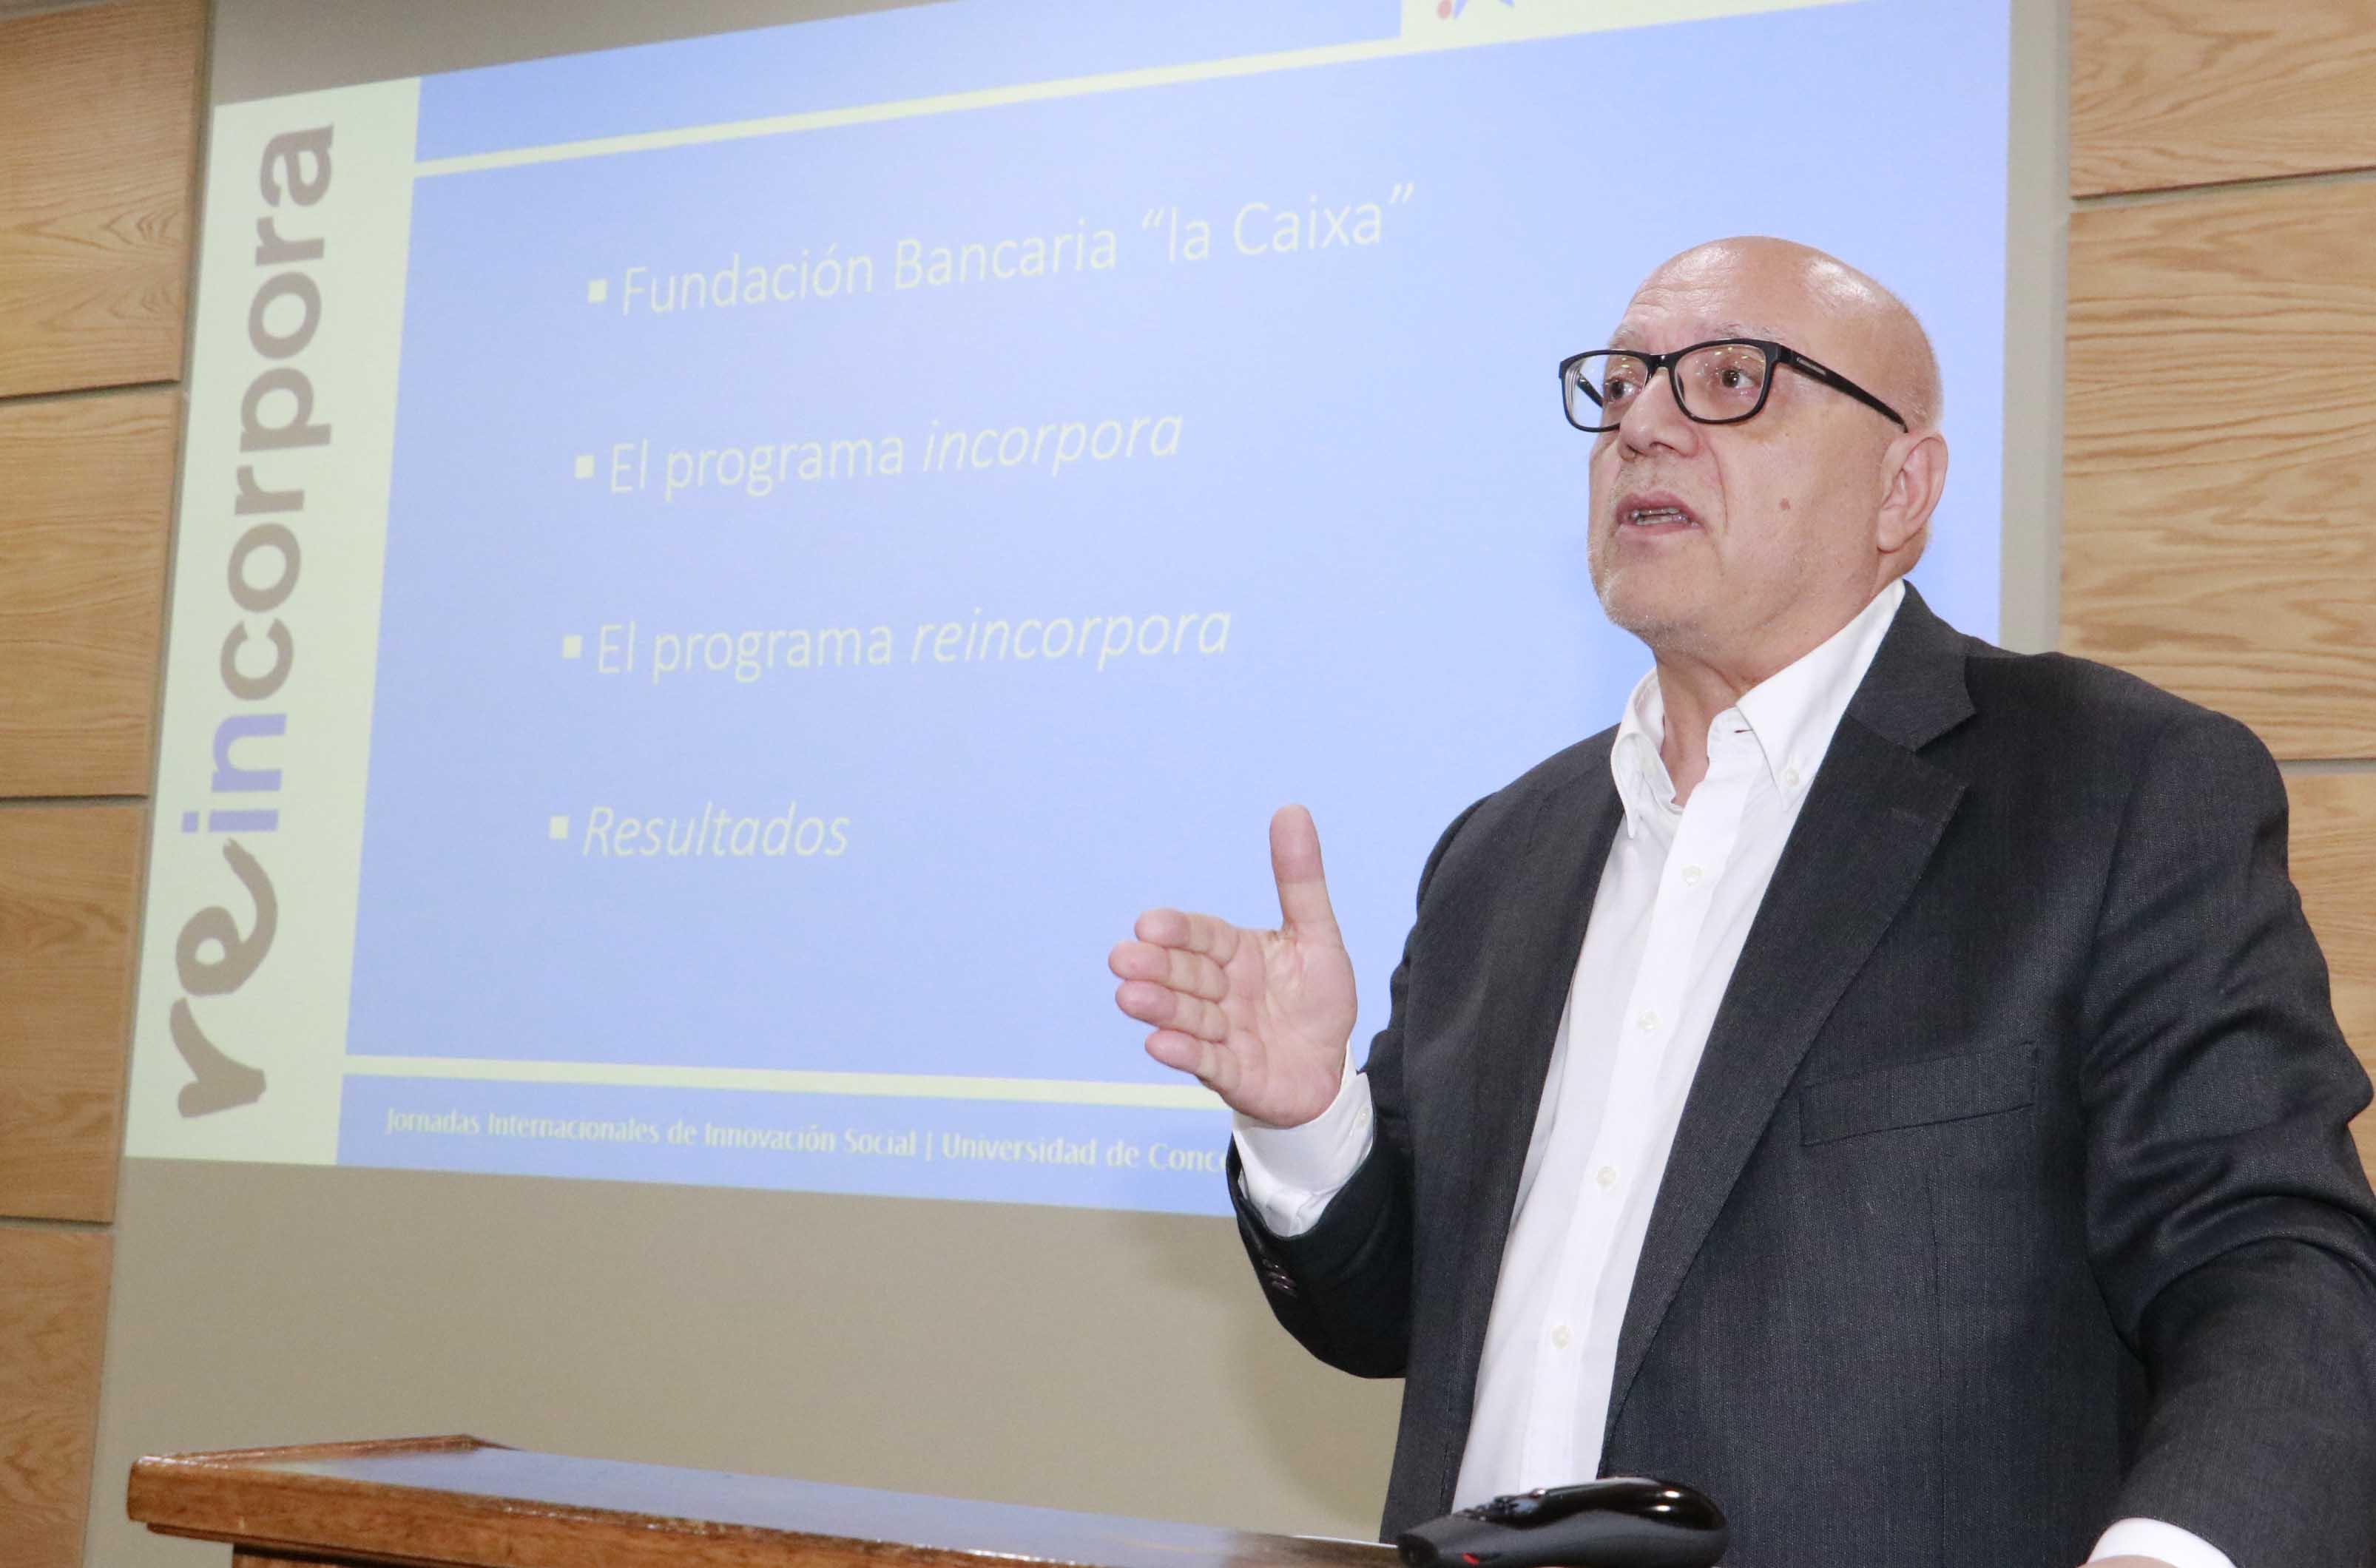 Academia de Innovación desarrolla jornadas internacionales de innovación social